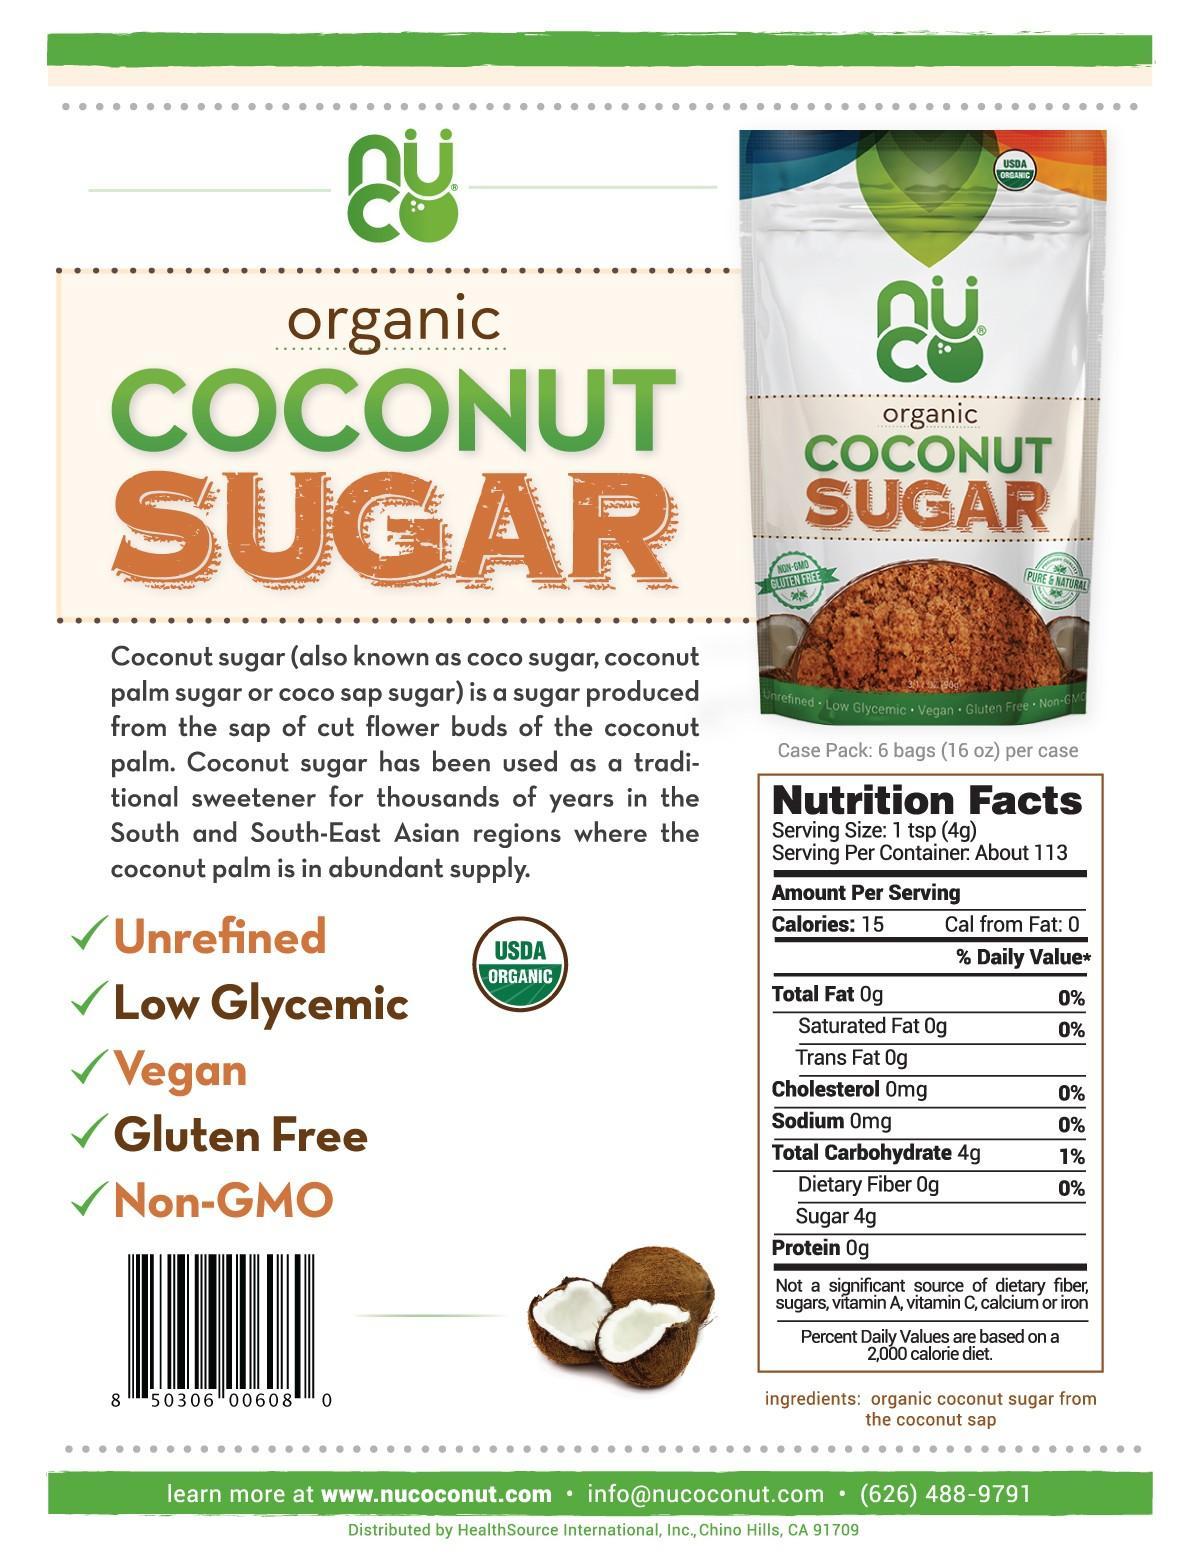 NUCO - Nucoconut - Premium Coconut Products